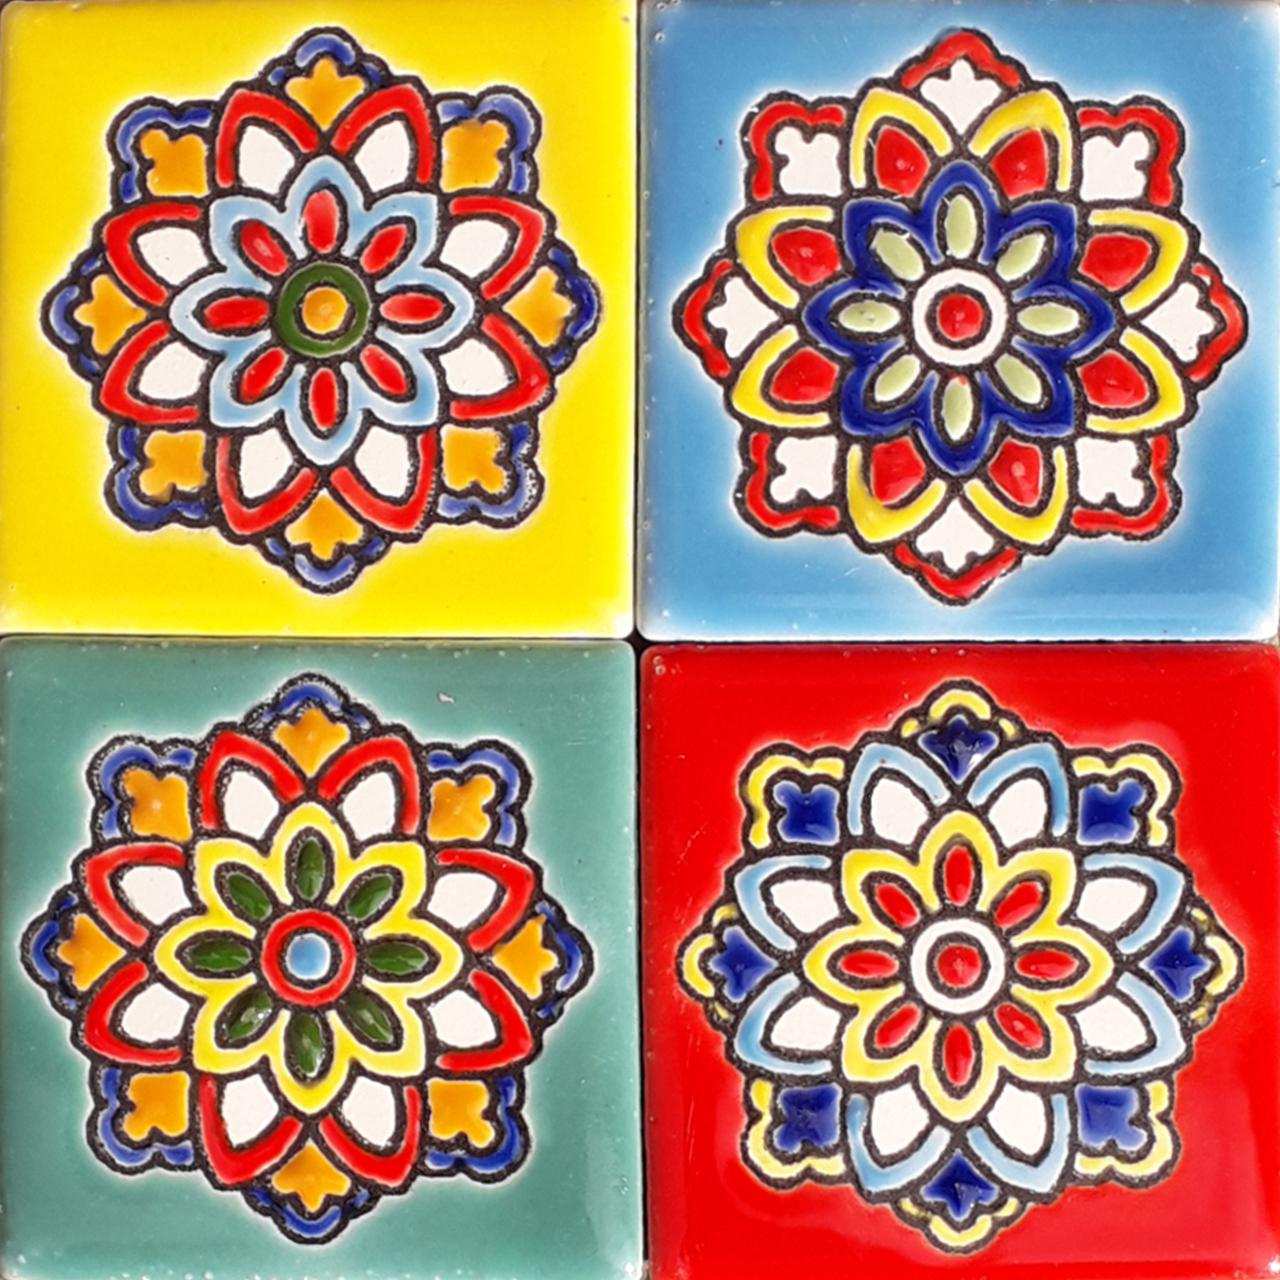 مگنت طرح گل کاشی کد 0246 مجموعه 4 عددی